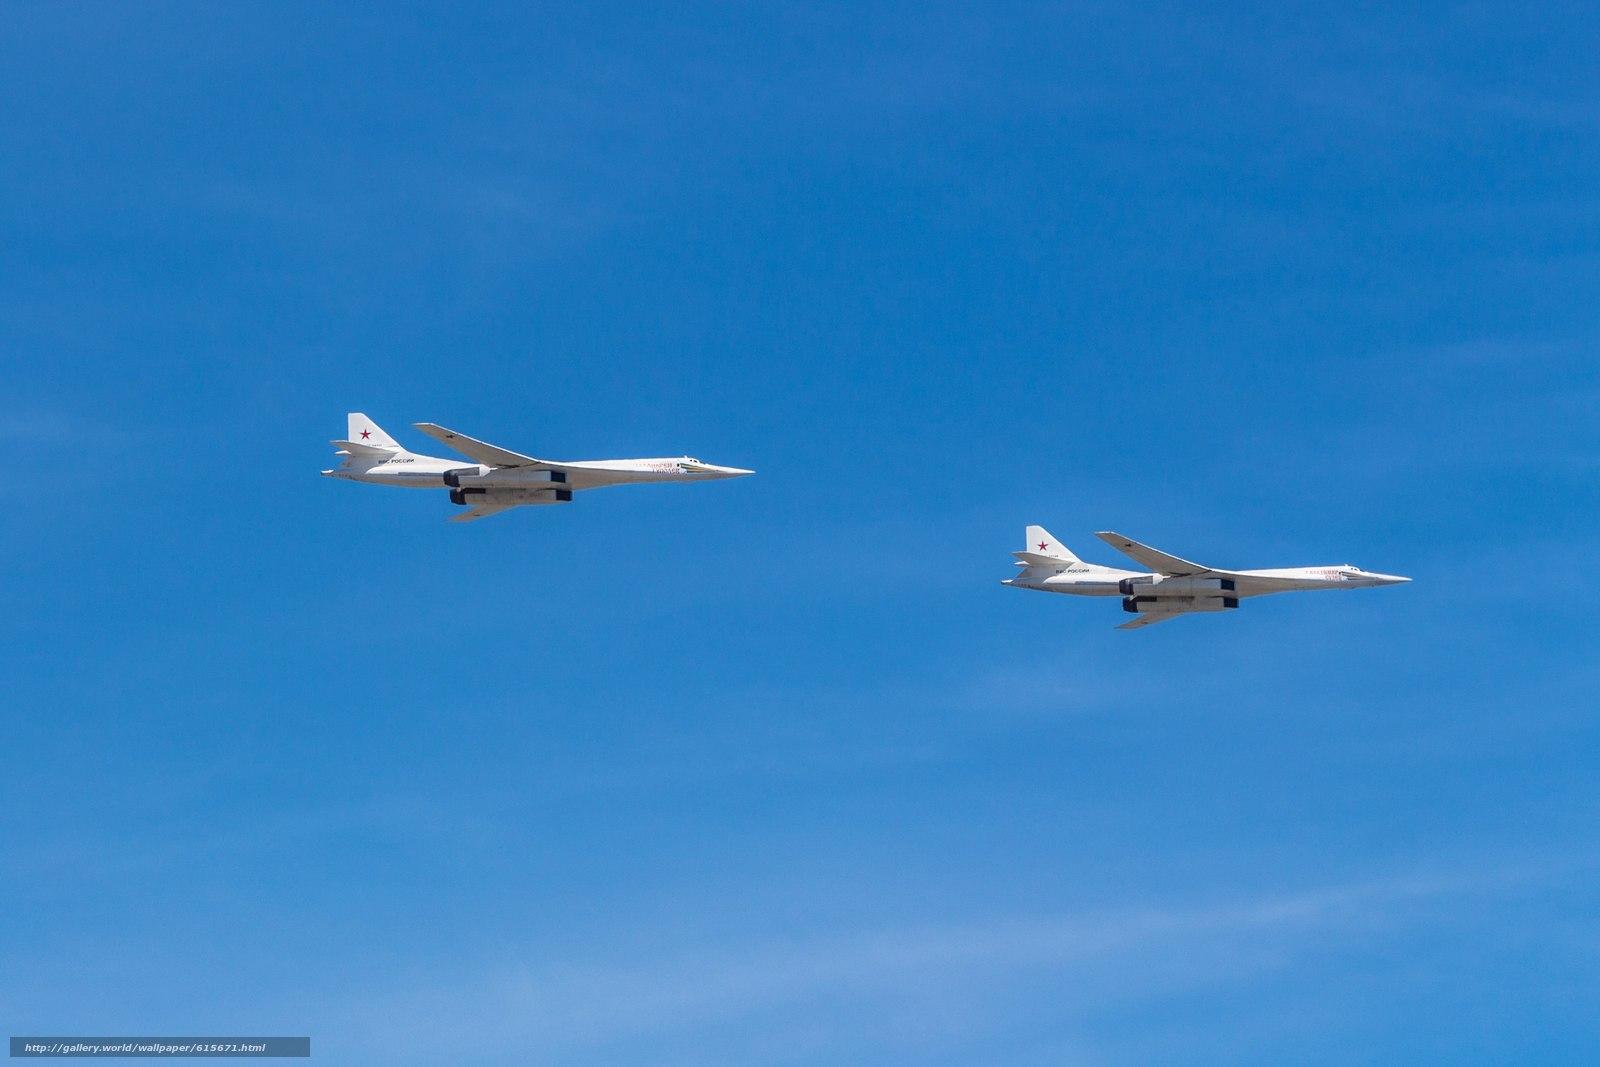 Скачать обои Туполев,  Ту-160,  Пара,  Полёт бесплатно для рабочего стола в разрешении 2560x1707 — картинка №615671